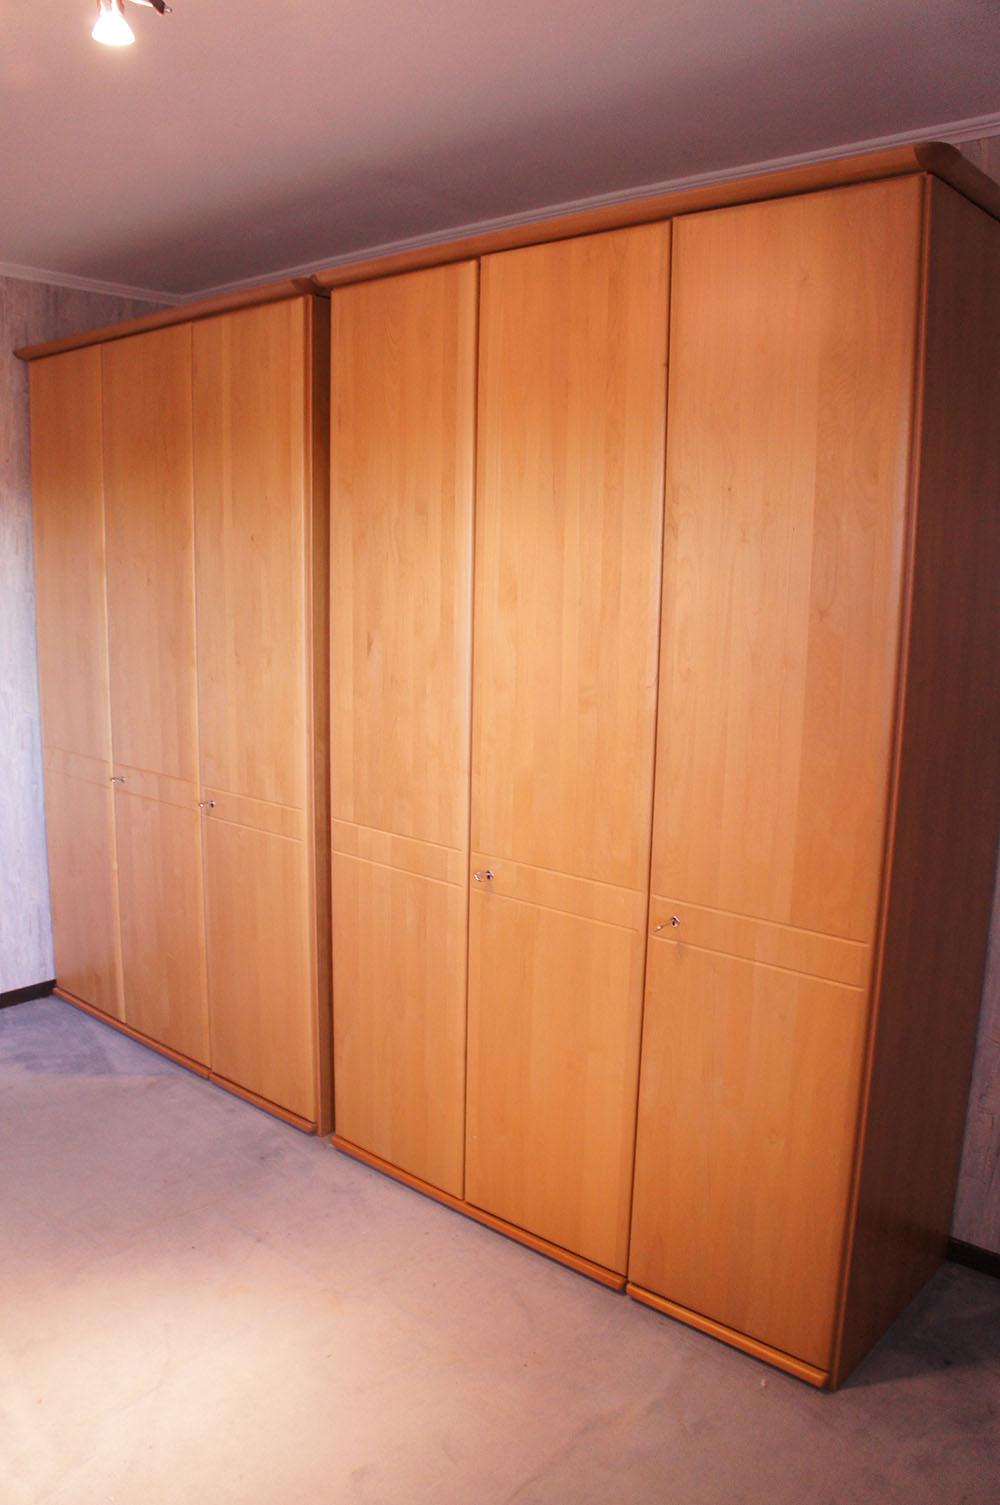 2 x kleiderschrank schrank schlafzimmer buche ings 6 t ren 2 x 150 cm breit ebay. Black Bedroom Furniture Sets. Home Design Ideas